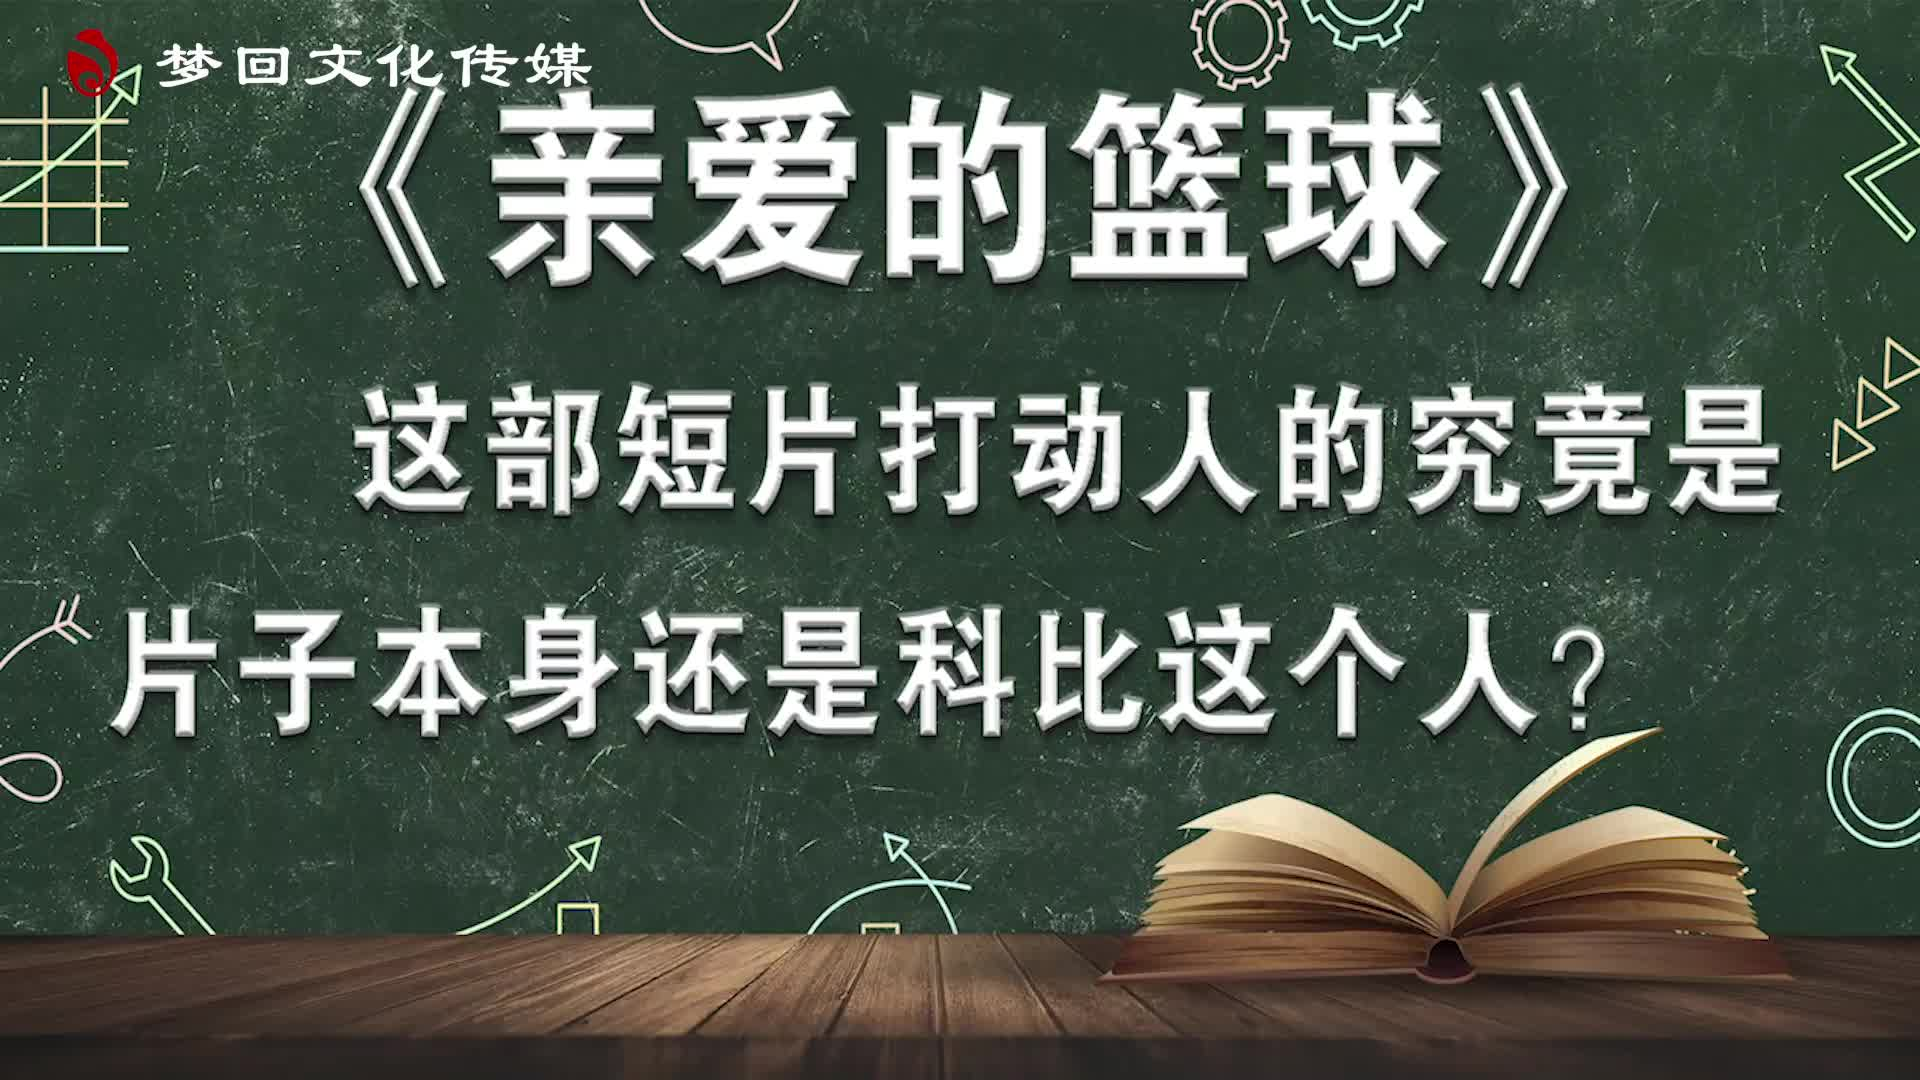 【赵老师的电影课】亲爱的篮球(一)